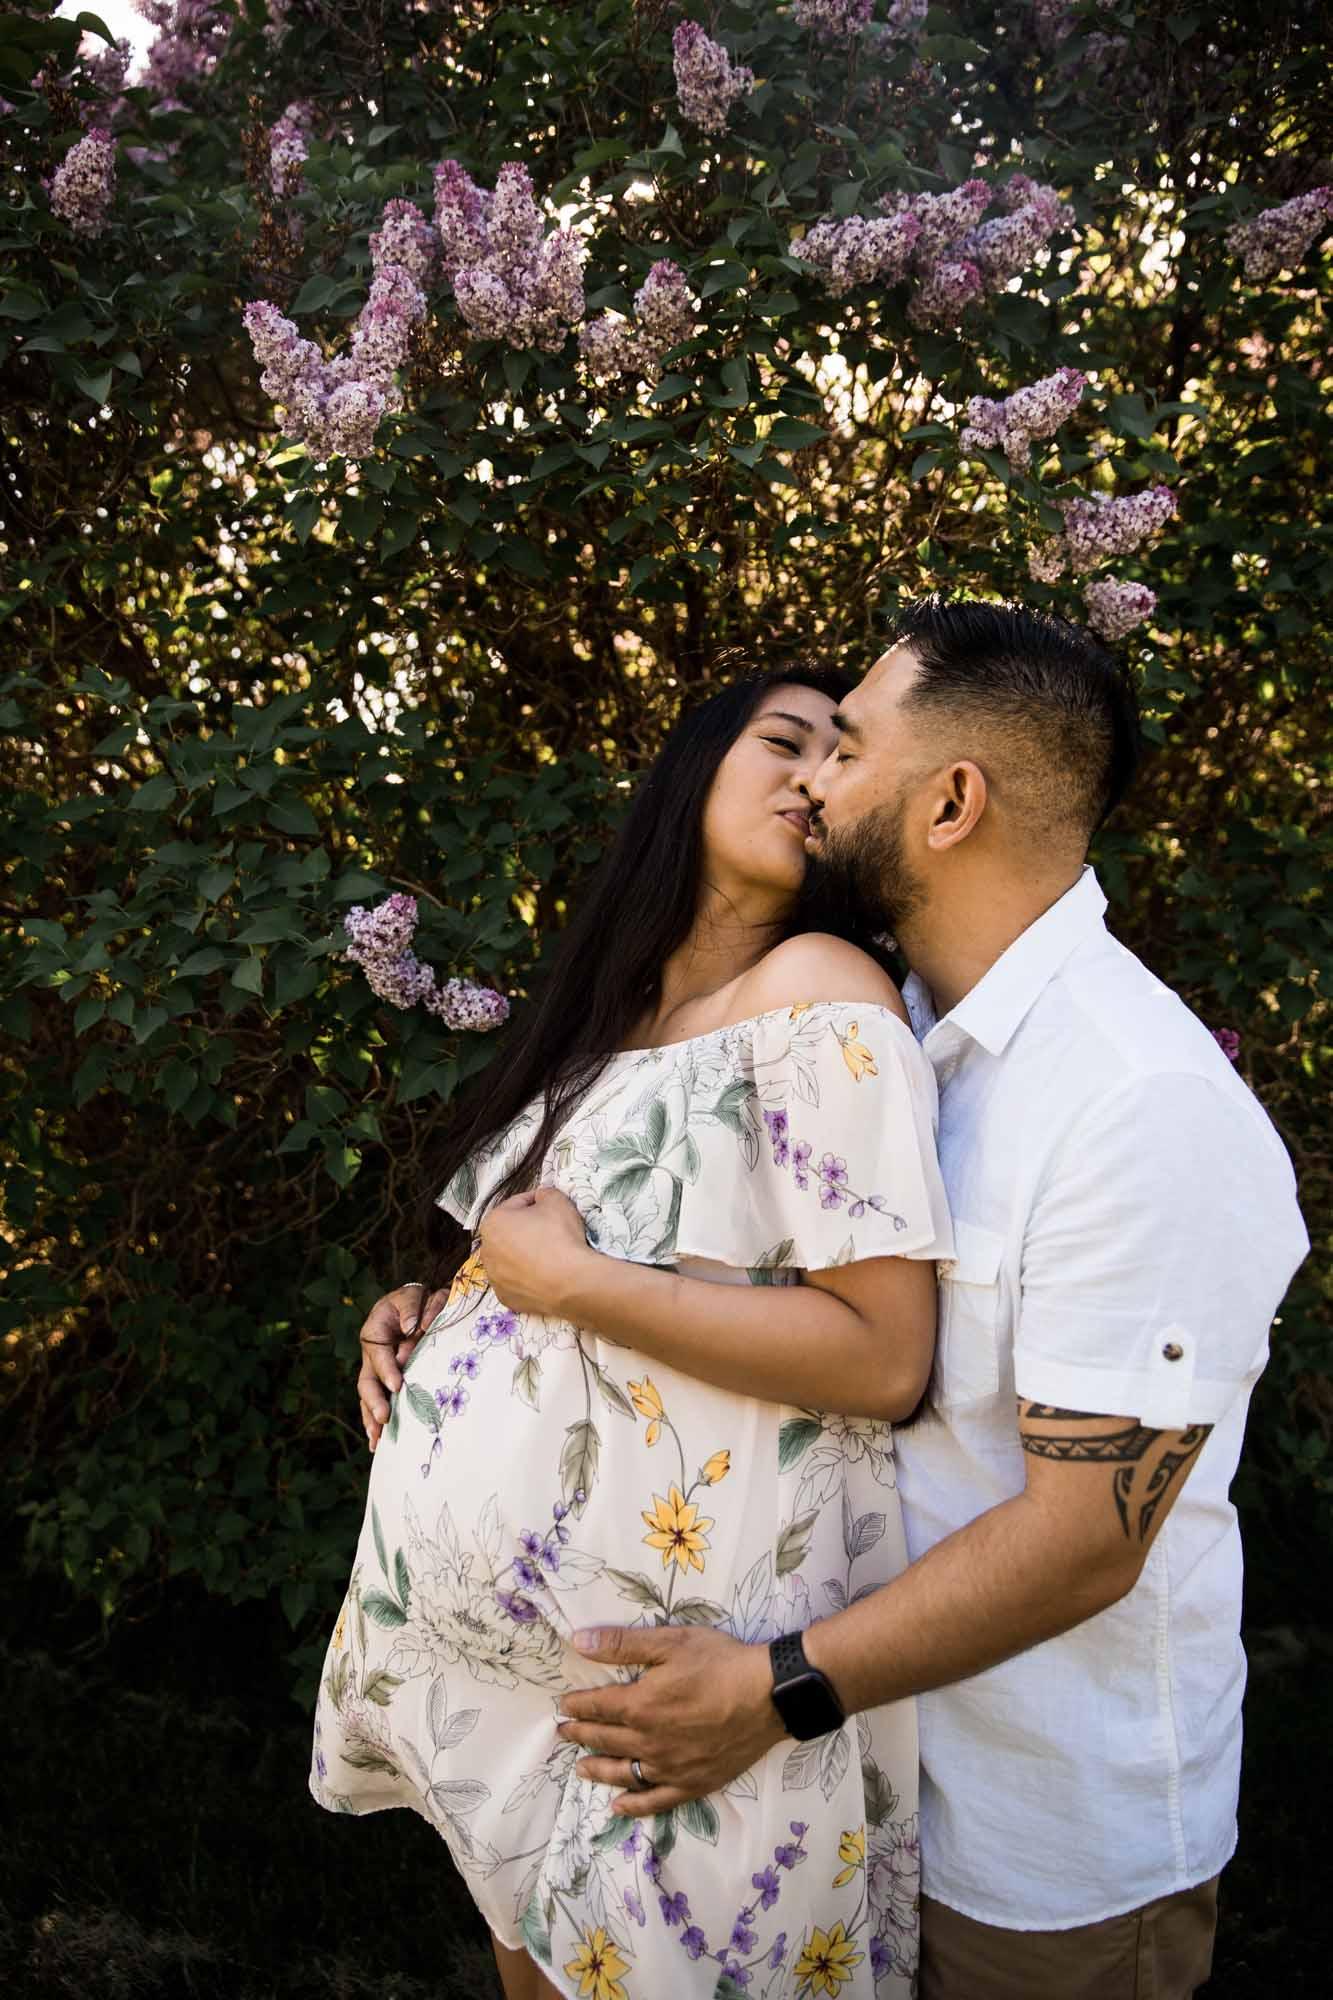 Calgary family maternity and newborn photographer, maternity photo at Baker Park